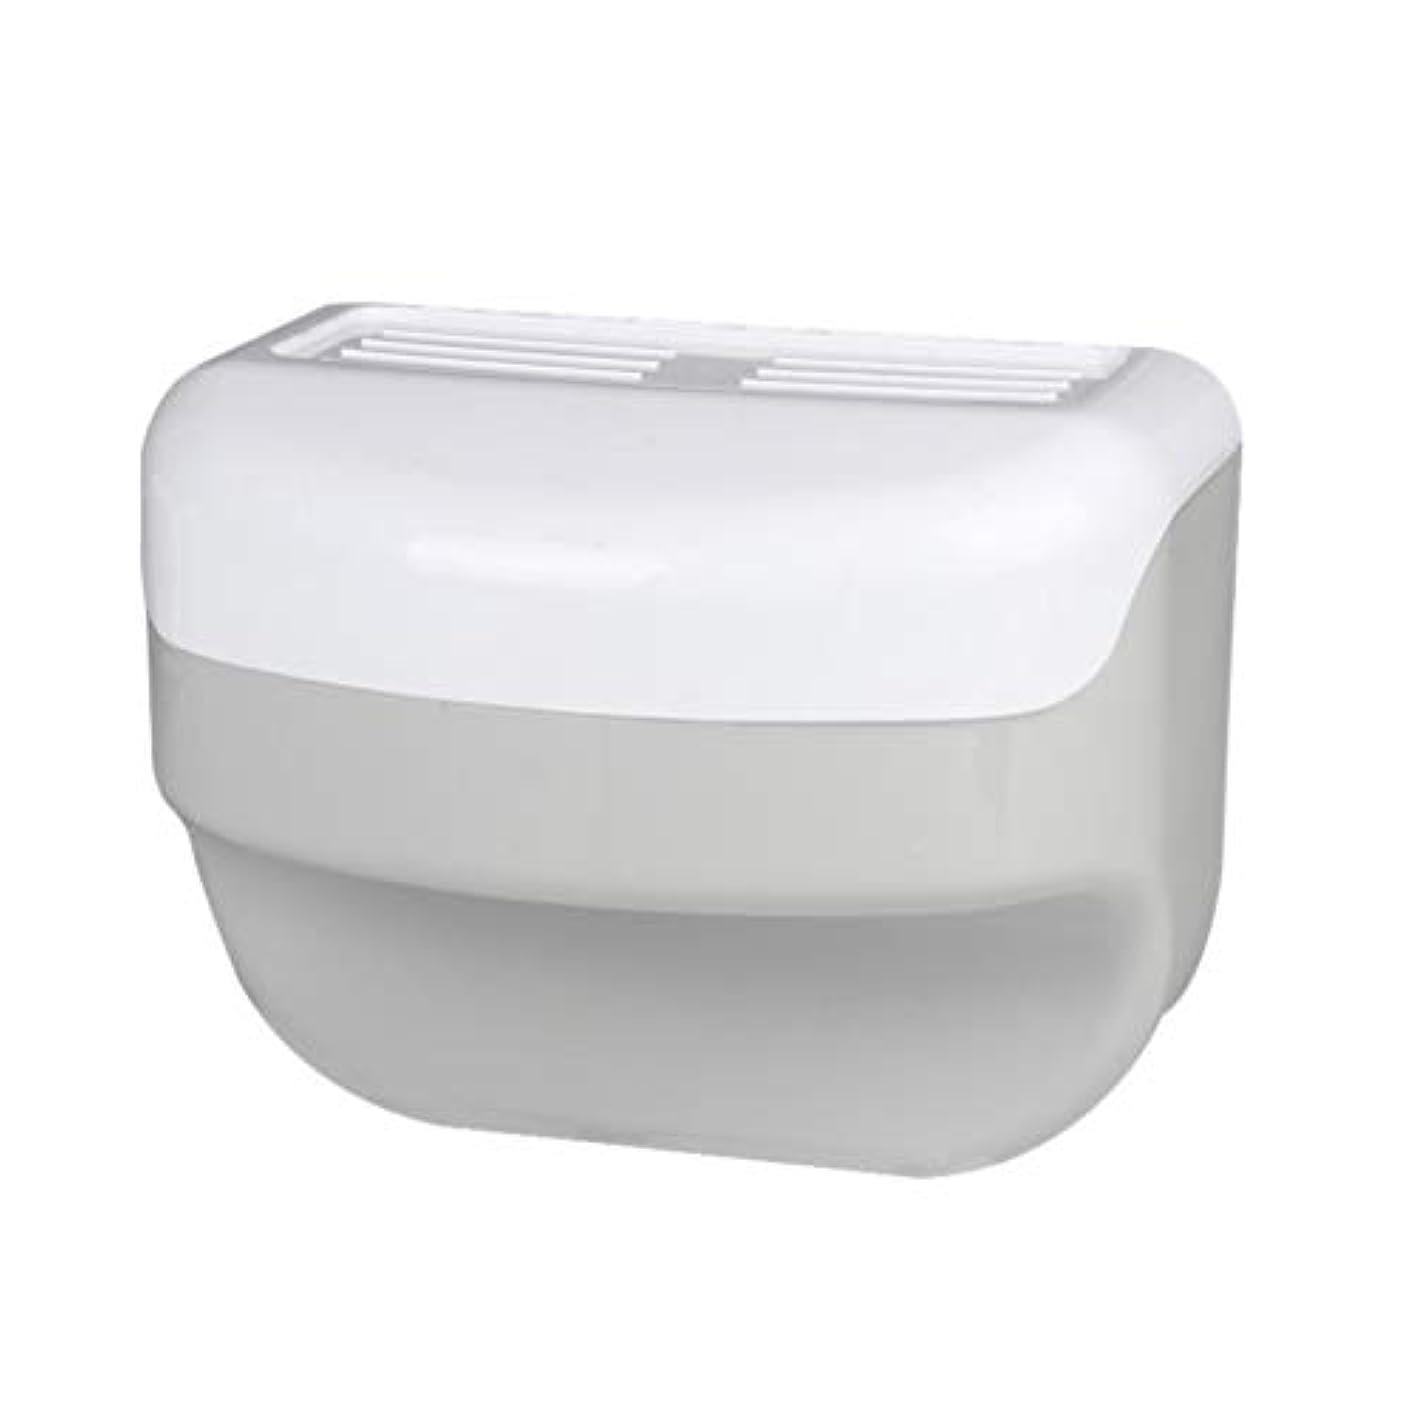 噴火変動するストリップTOPBATHY 浴室トイレティッシュボックスラック壁吸盤ロールホルダーフリー掘削ネイルフリーティッシュボックス